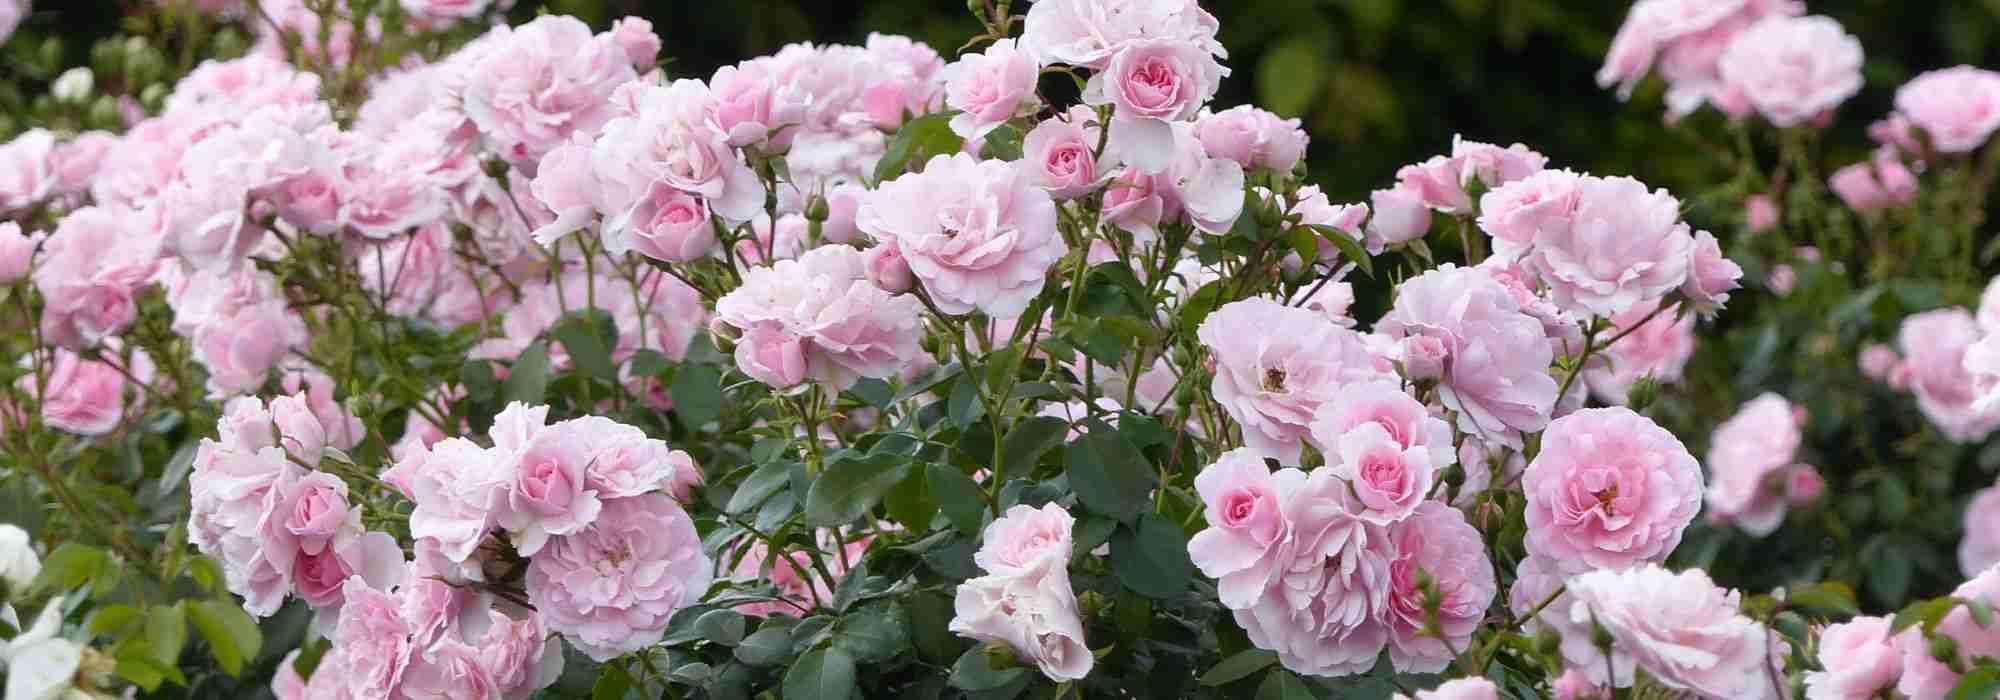 Quand Et Comment Tailler Un Rosier quand et comment tailler les rosiers buissons et arbustes